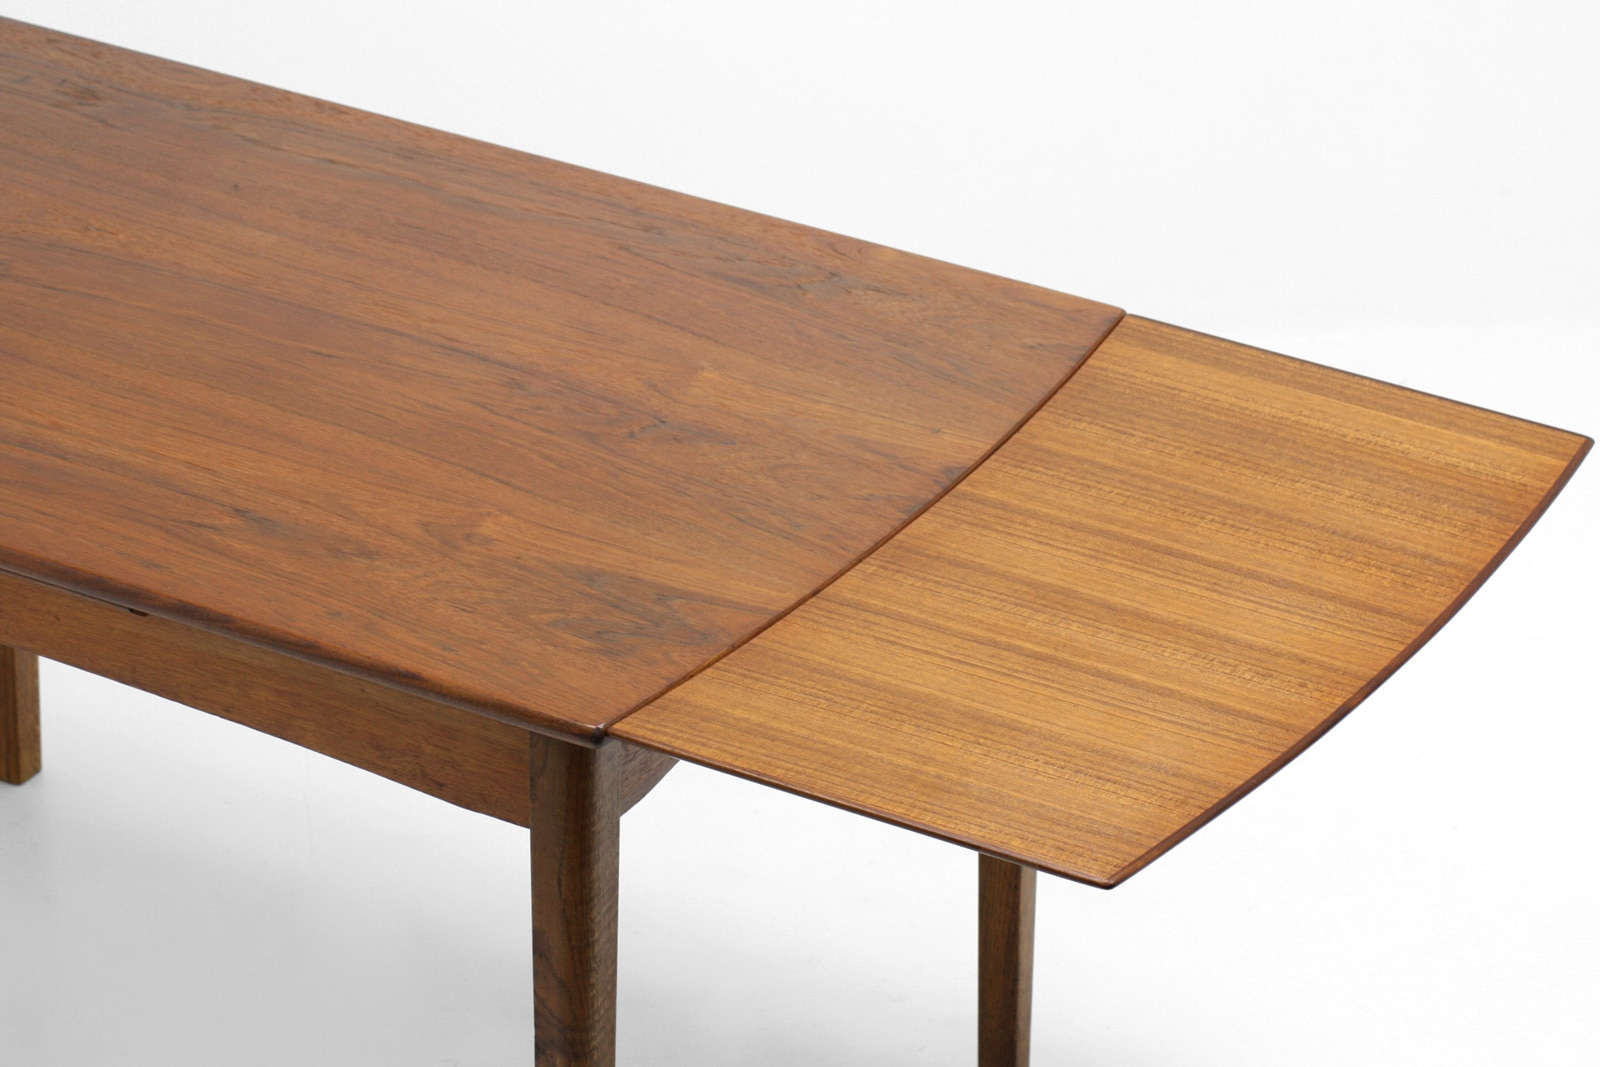 ヴィンテージ,北欧,小さい,ダイニングテーブル